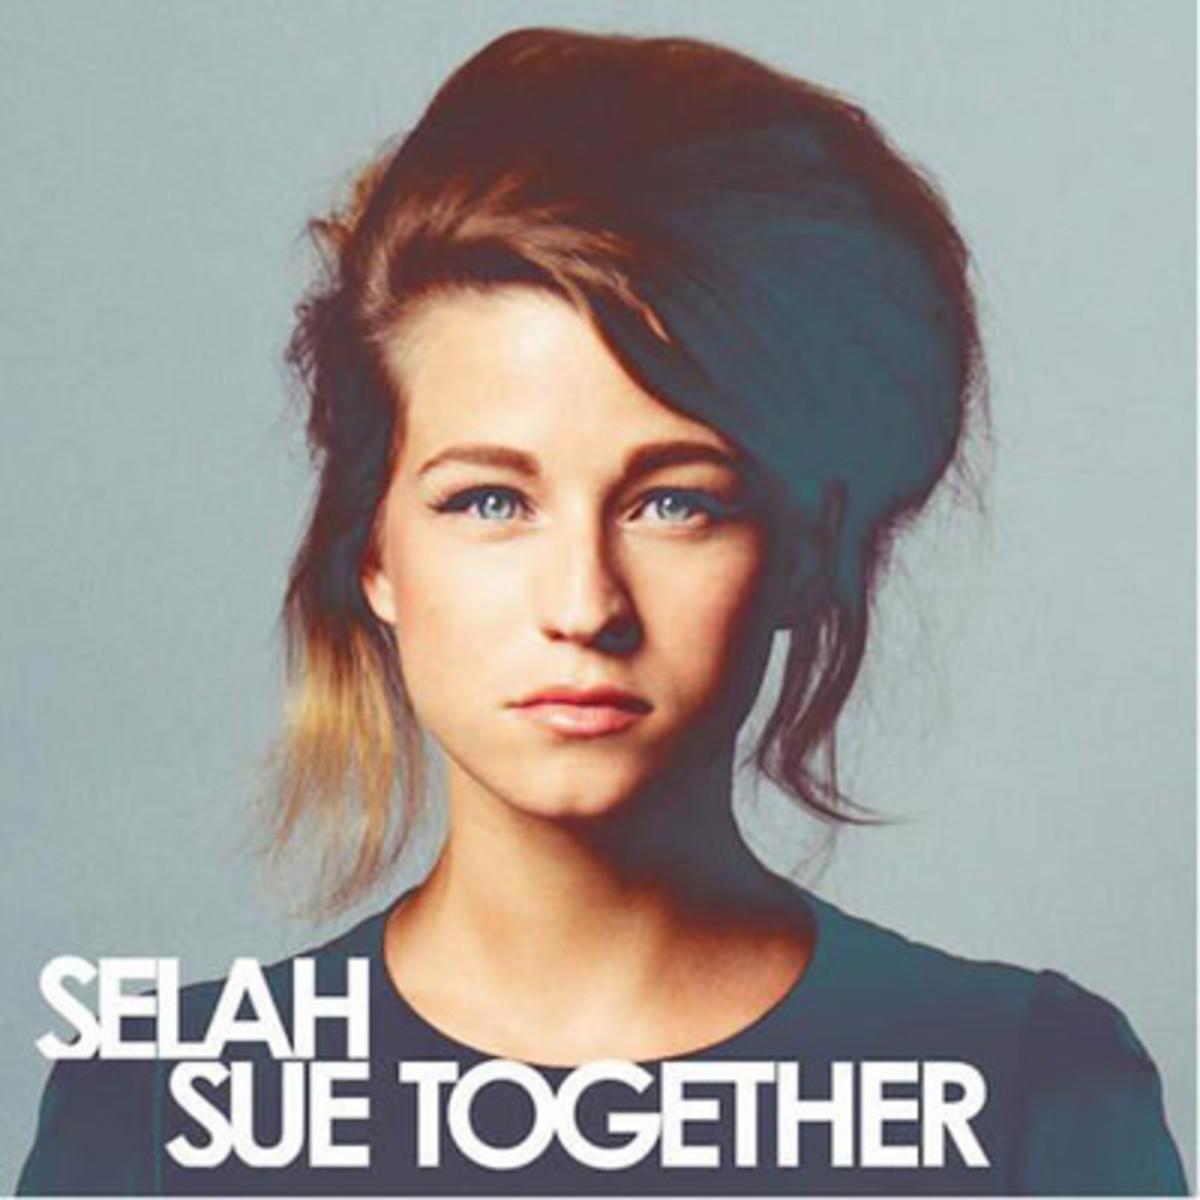 selahsue-together.jpg